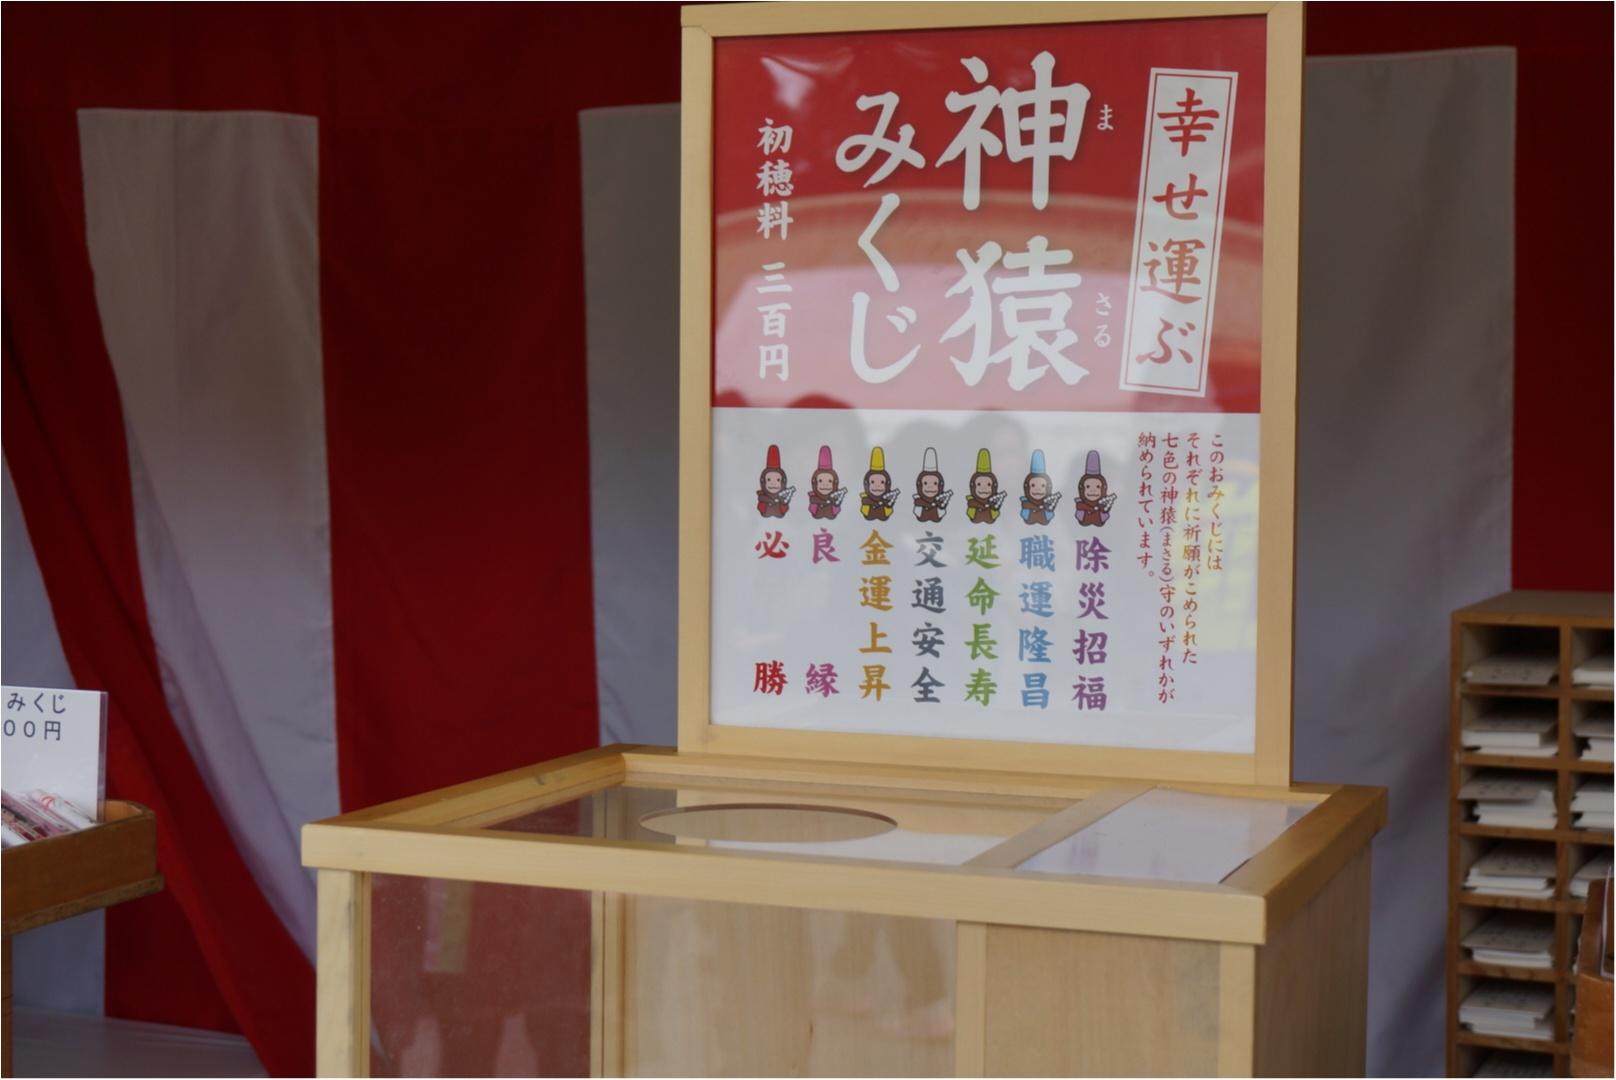 《幸せを運ぶ七色の神猿守が可愛い‼︎》東京赤坂にある日枝神社でひける人気の神猿みくじ♪_2